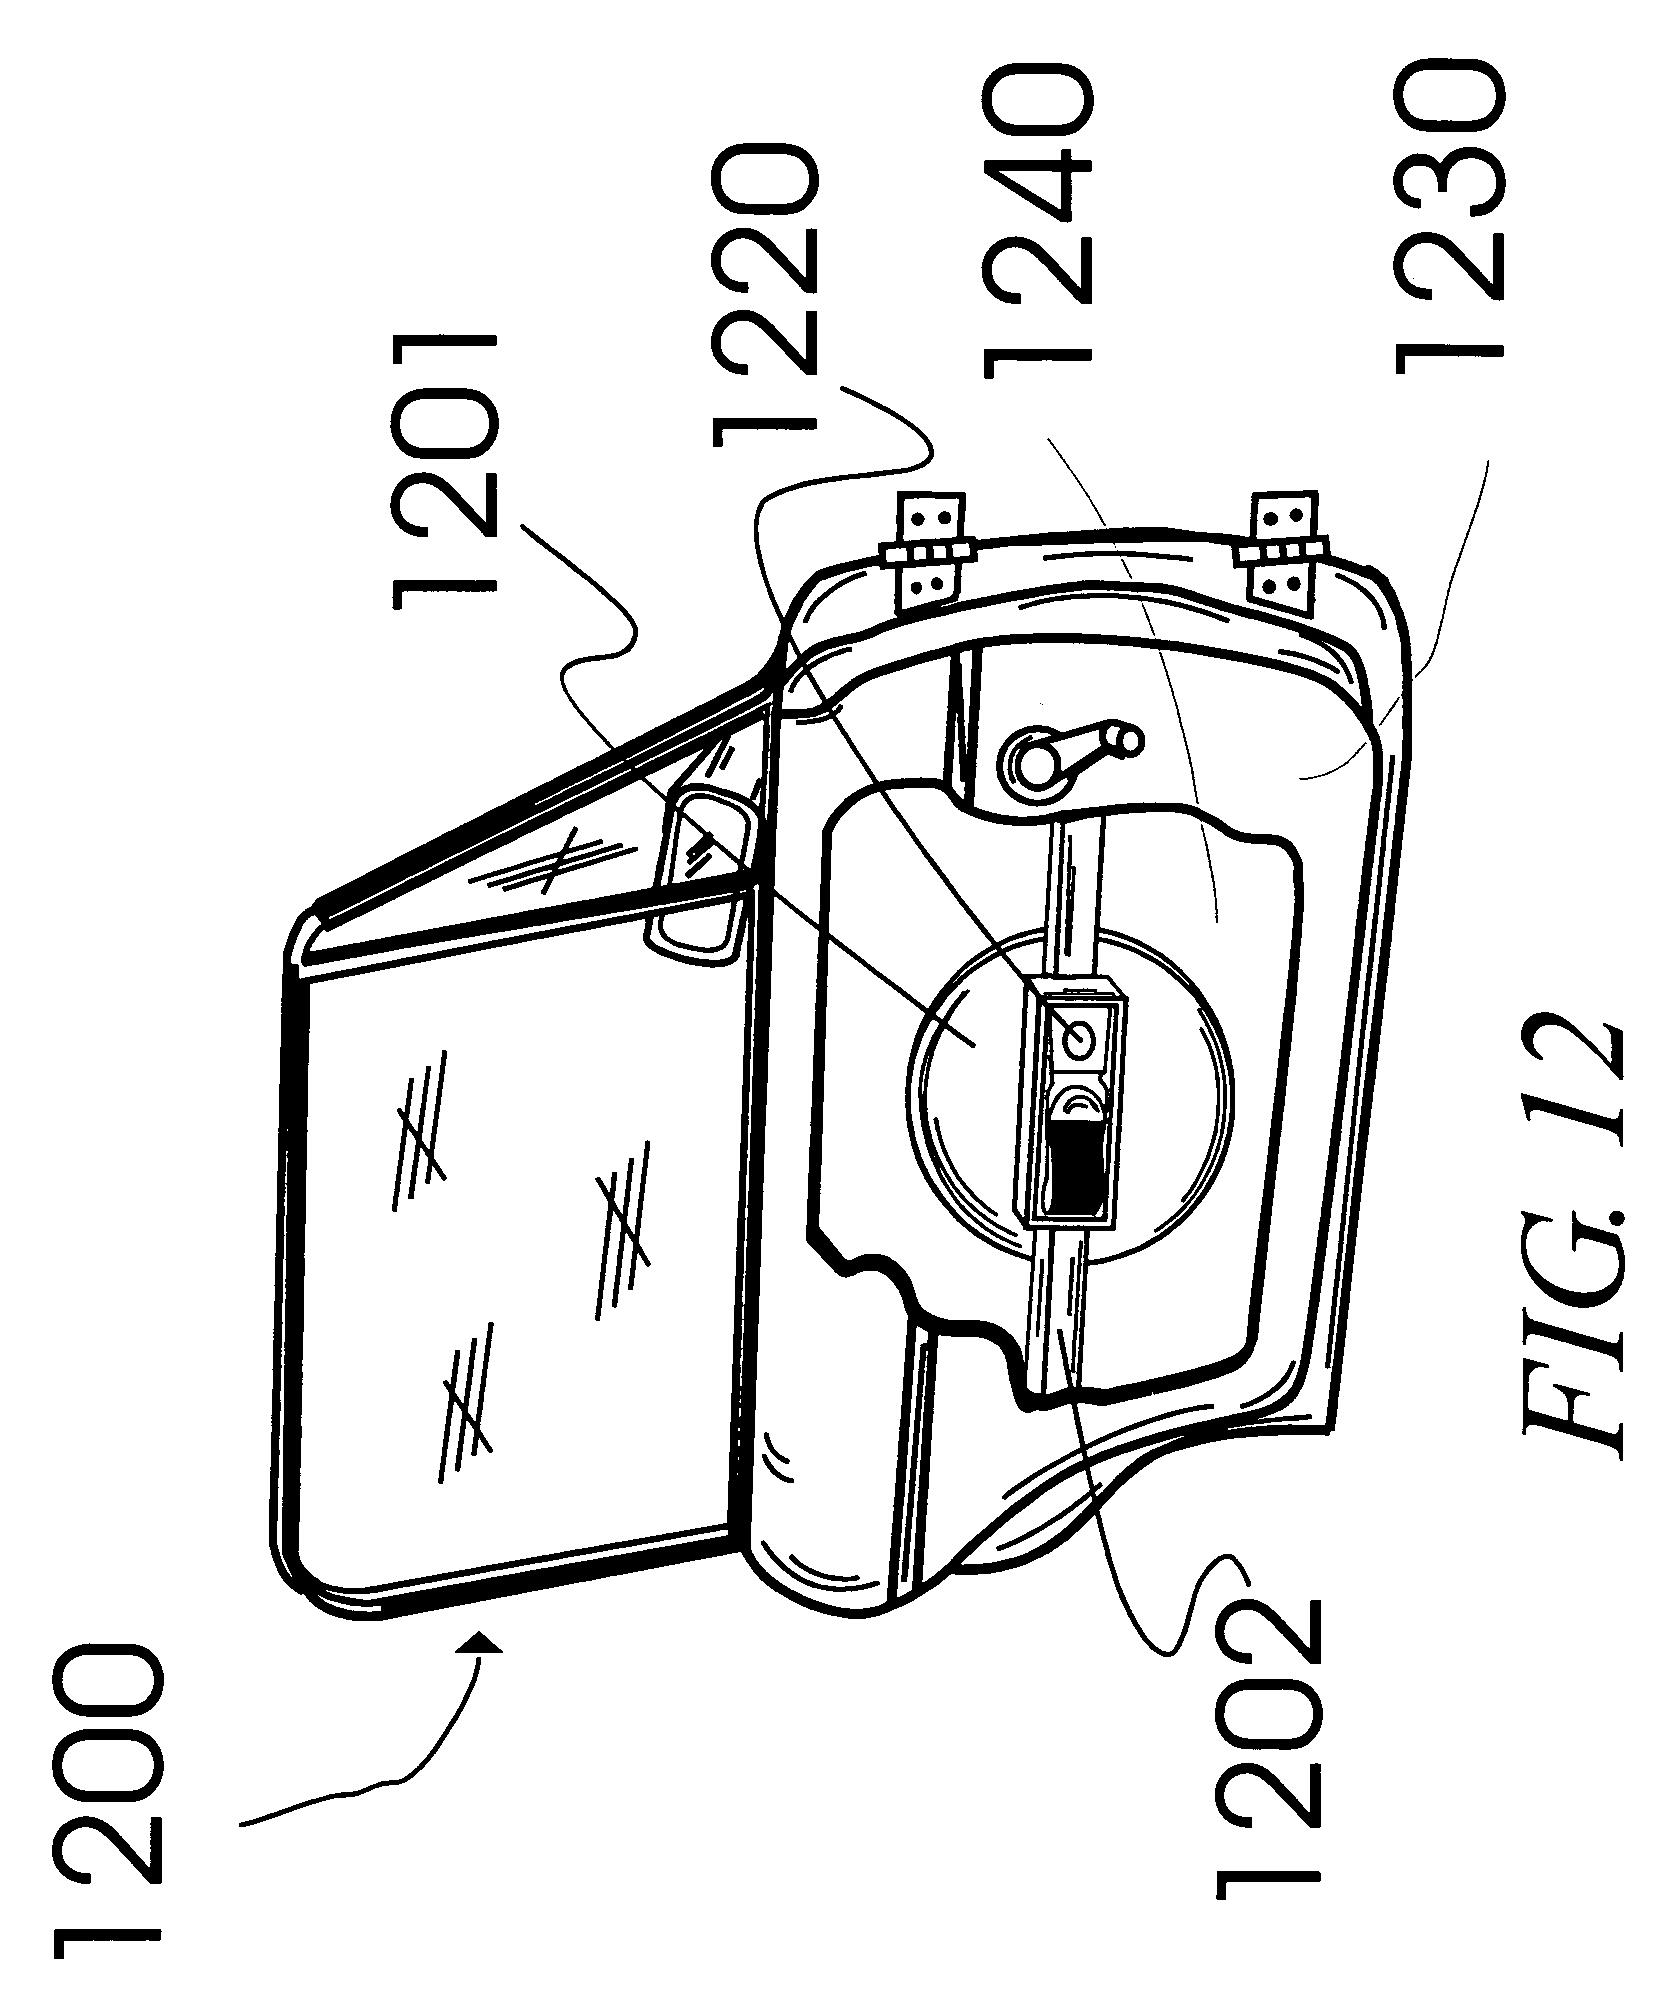 Mercedes Benz W220 Wiring Diagram